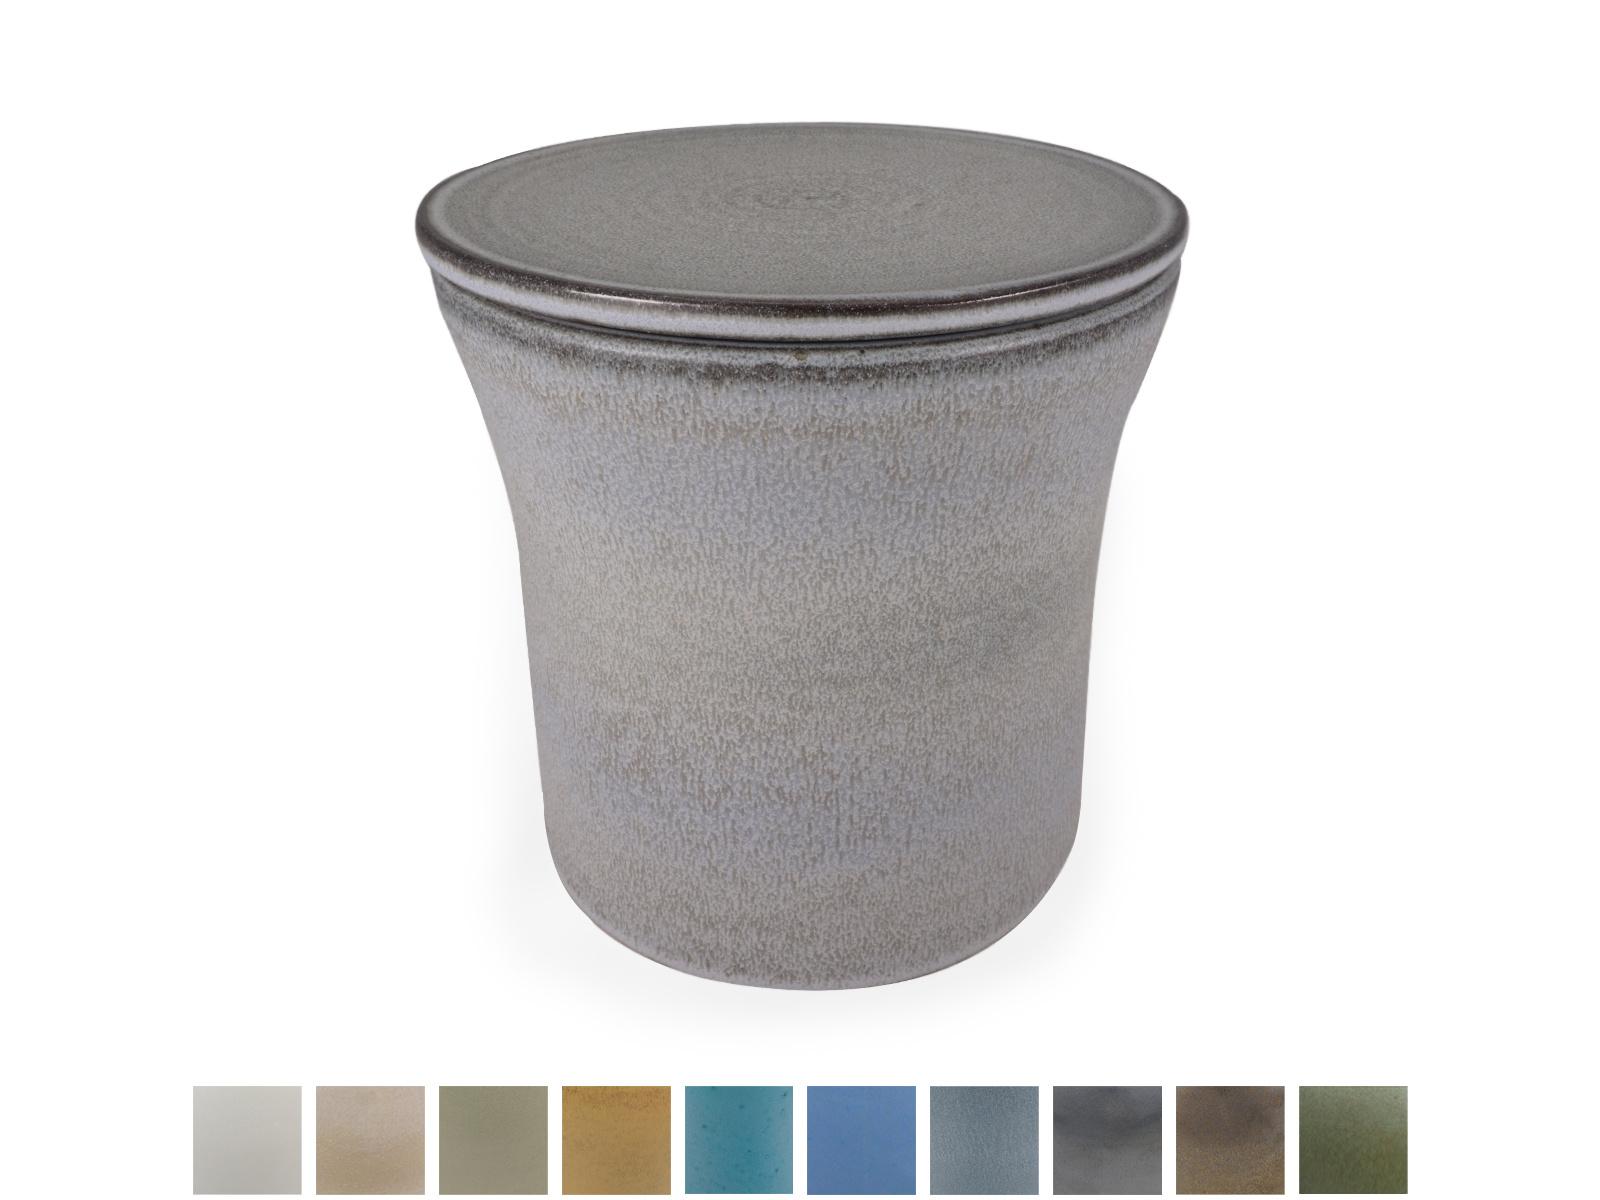 Keramische urn getailleerd medium - verkrijgbaar in 10 kleuren